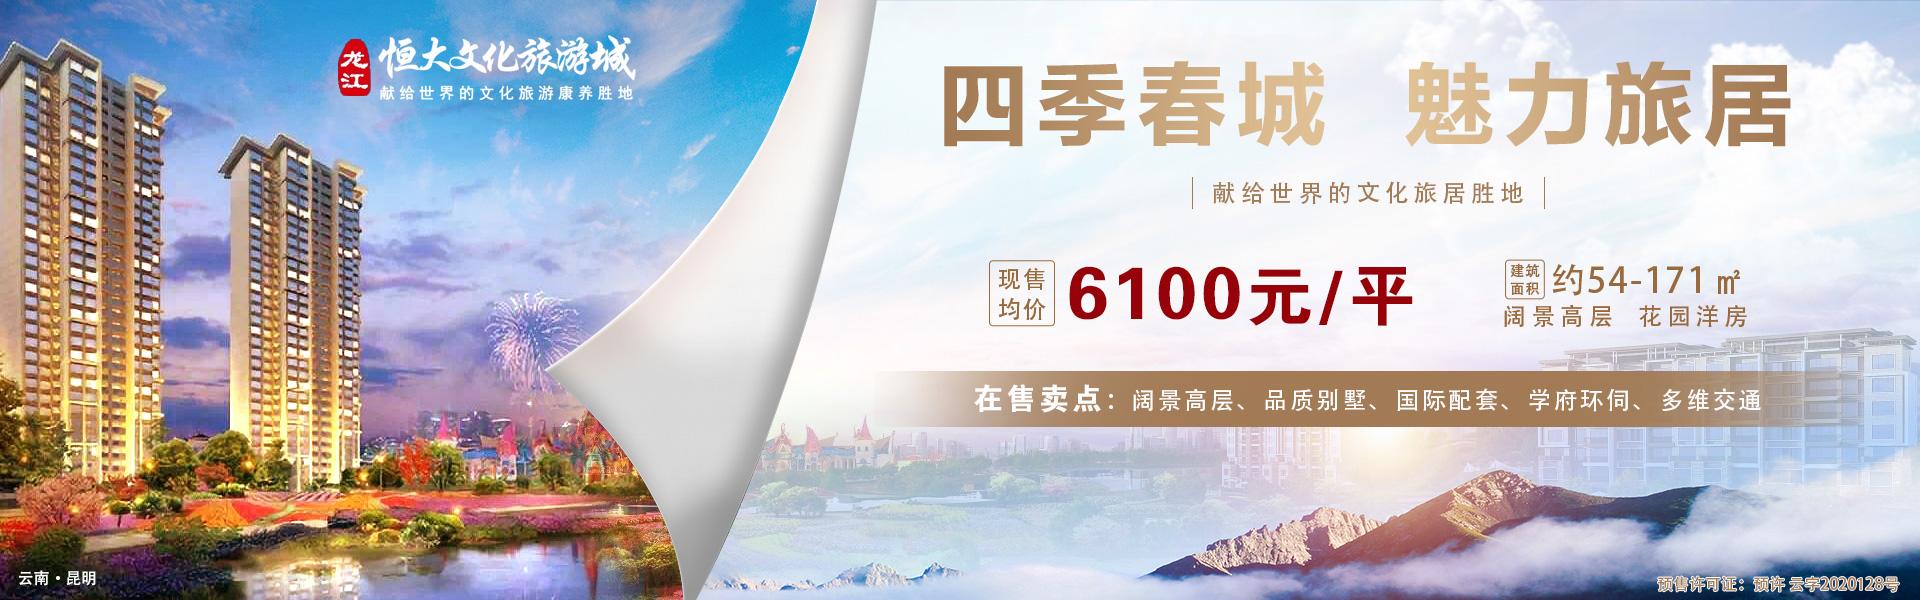 昆明恒大文化旅游城